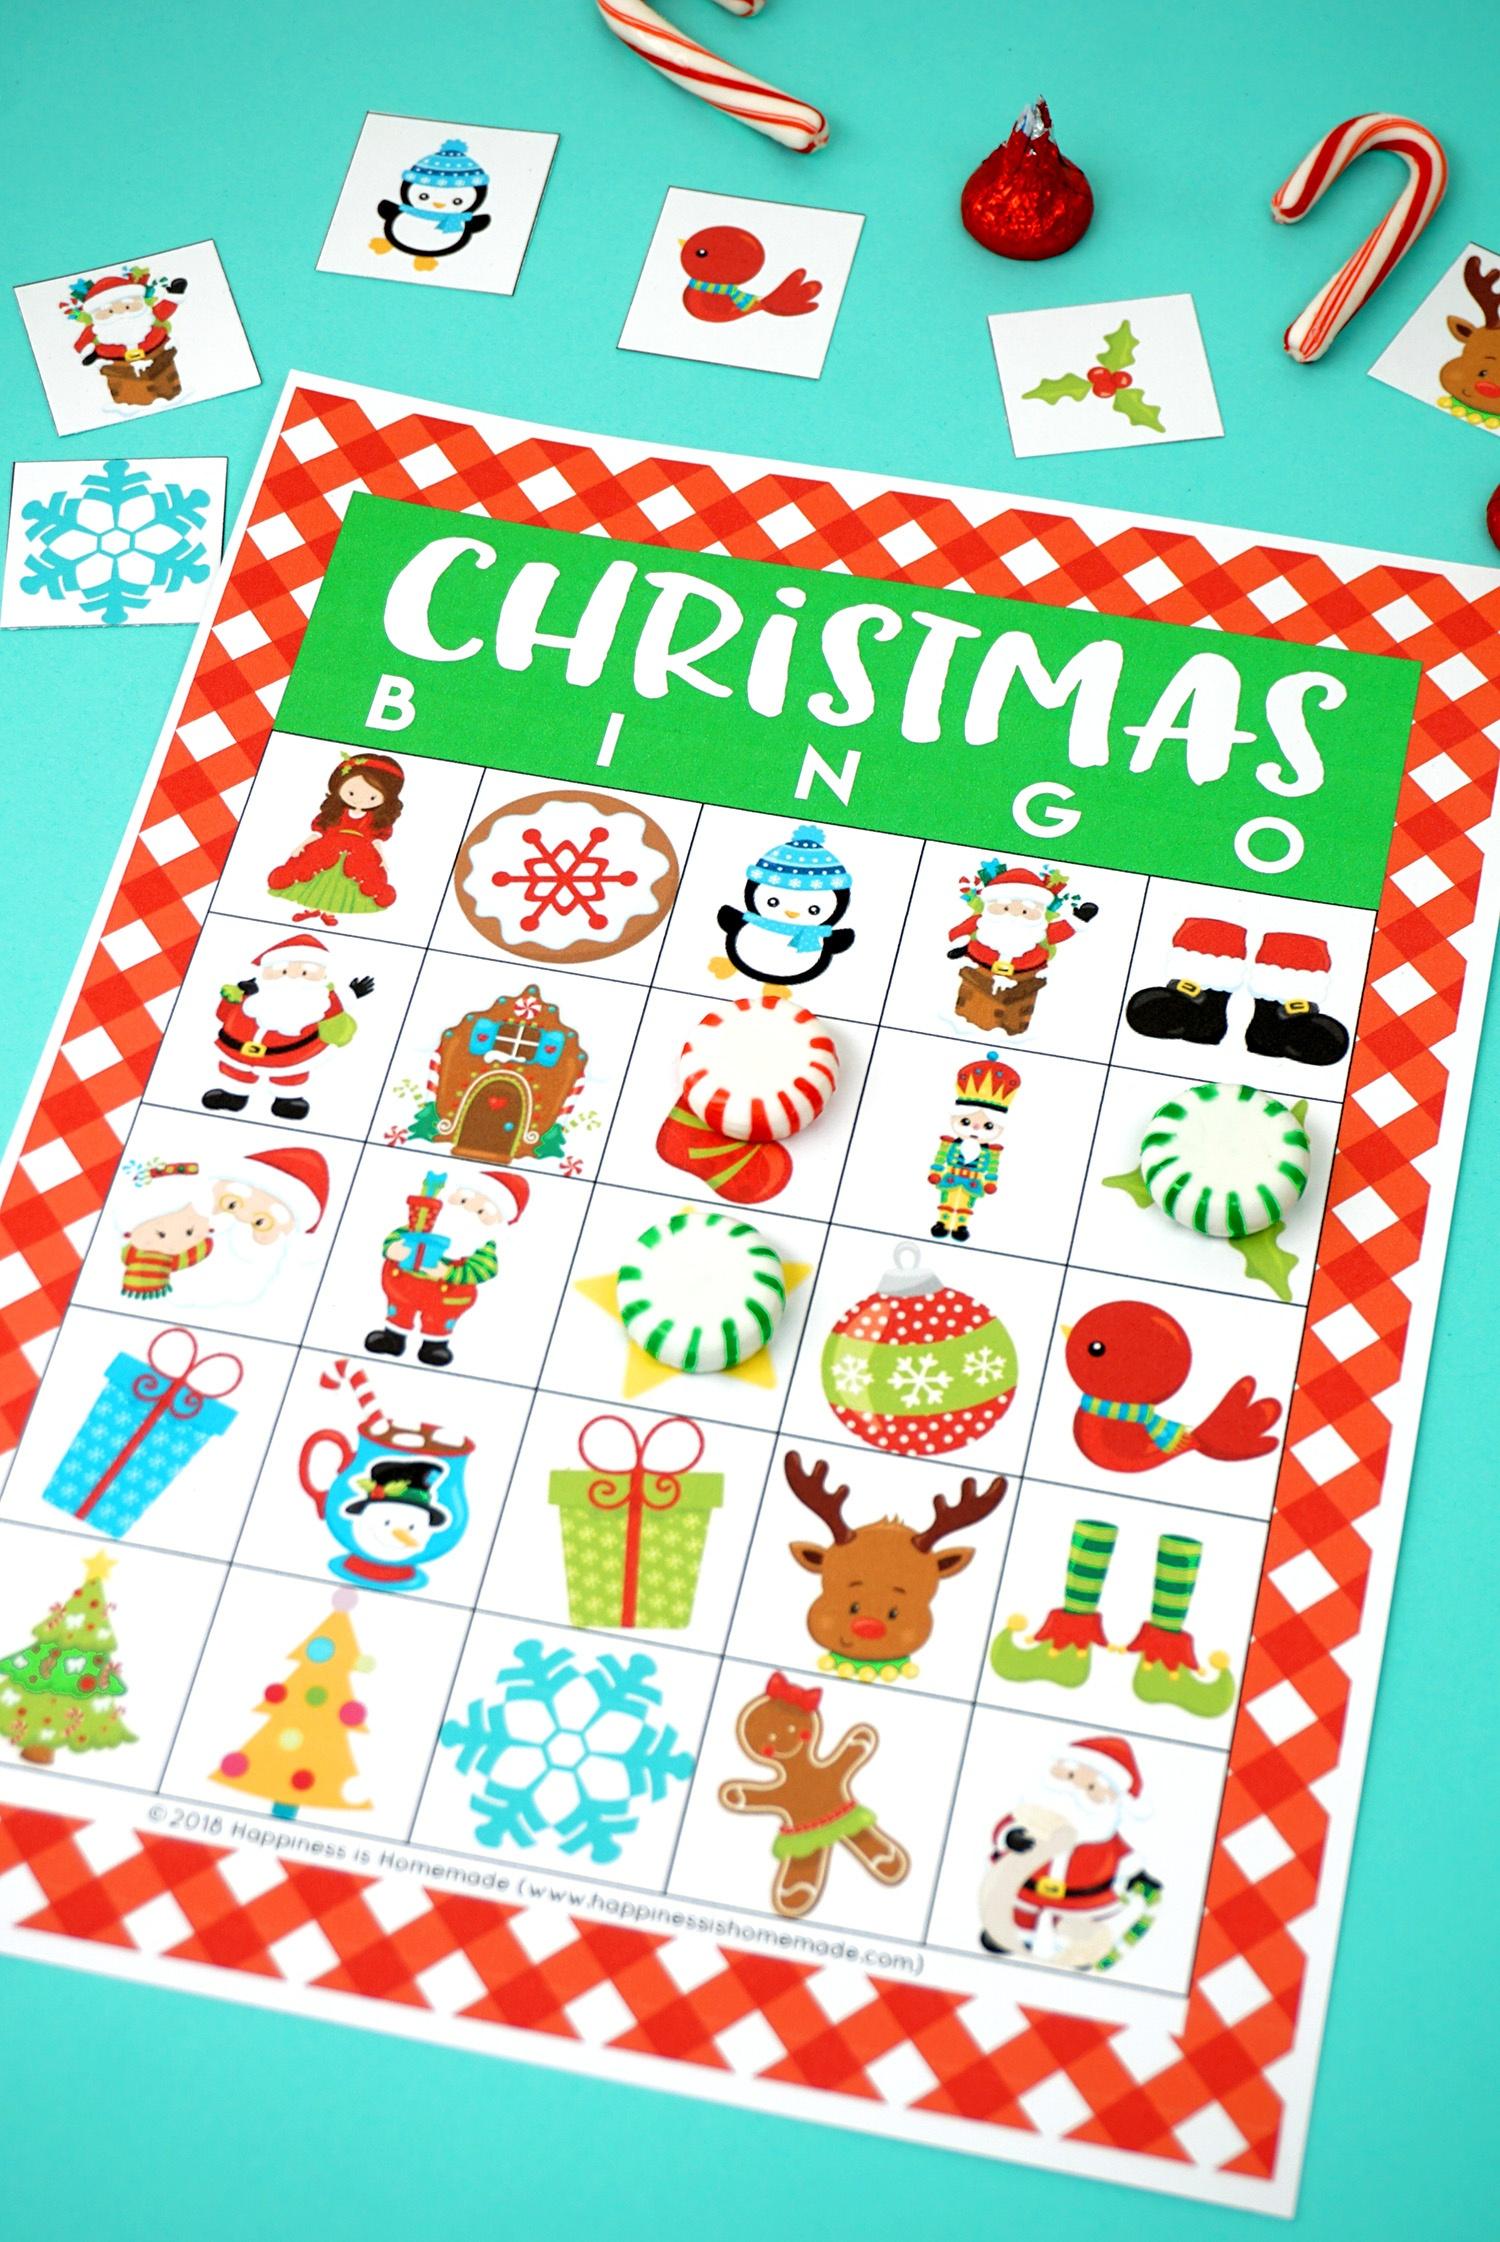 Printable Christmas Bingo Game - Happiness Is Homemade - Free Printable Christmas Bingo Cards